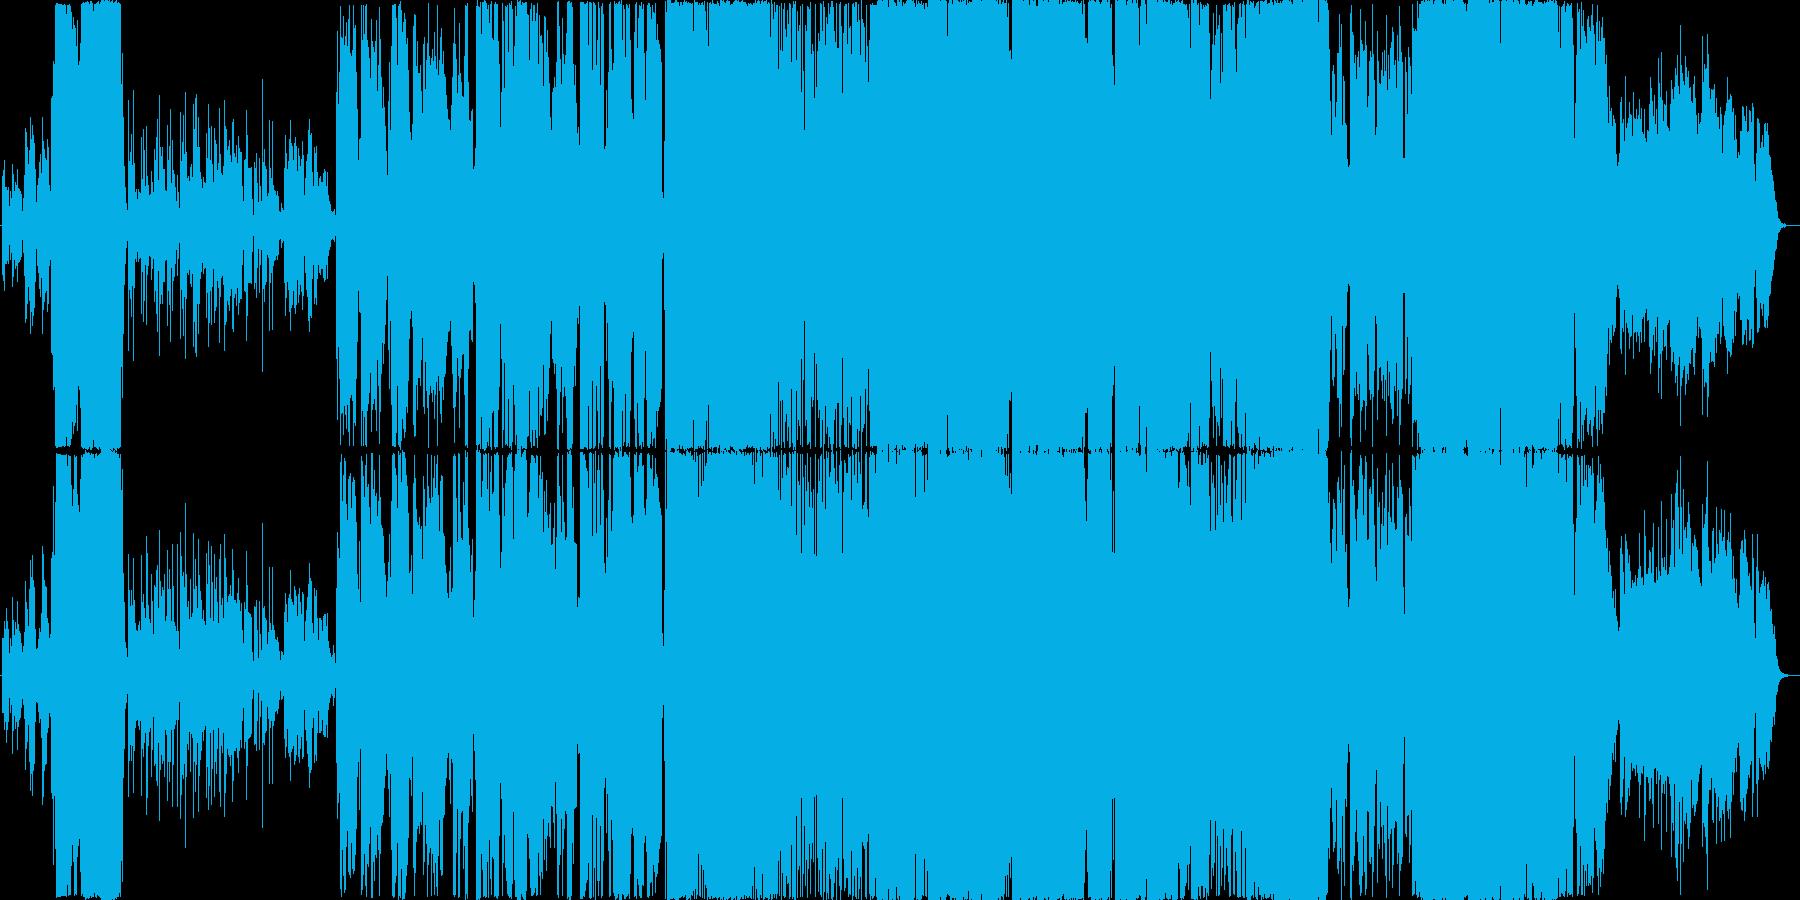 壮大なオーケストラアレンジのJ-POPの再生済みの波形